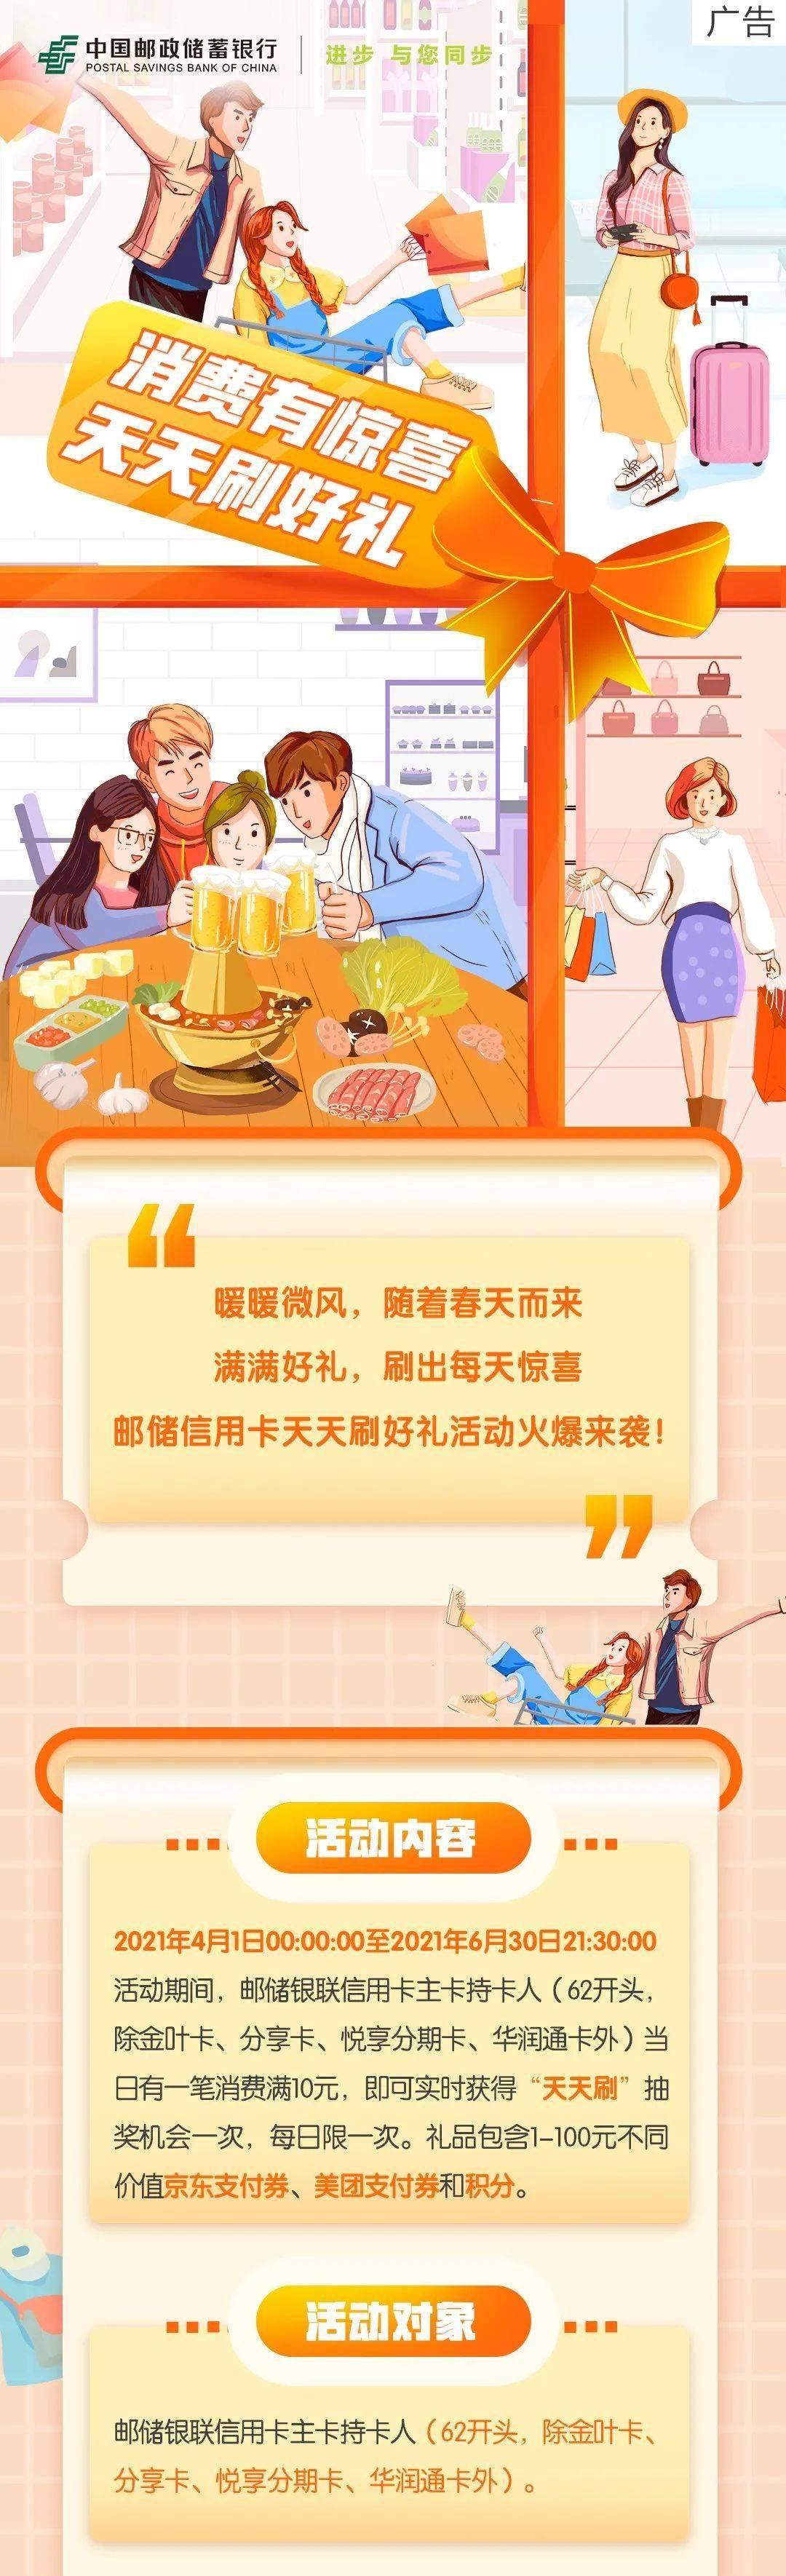 淄博银行发布最新通知:从今天开始!